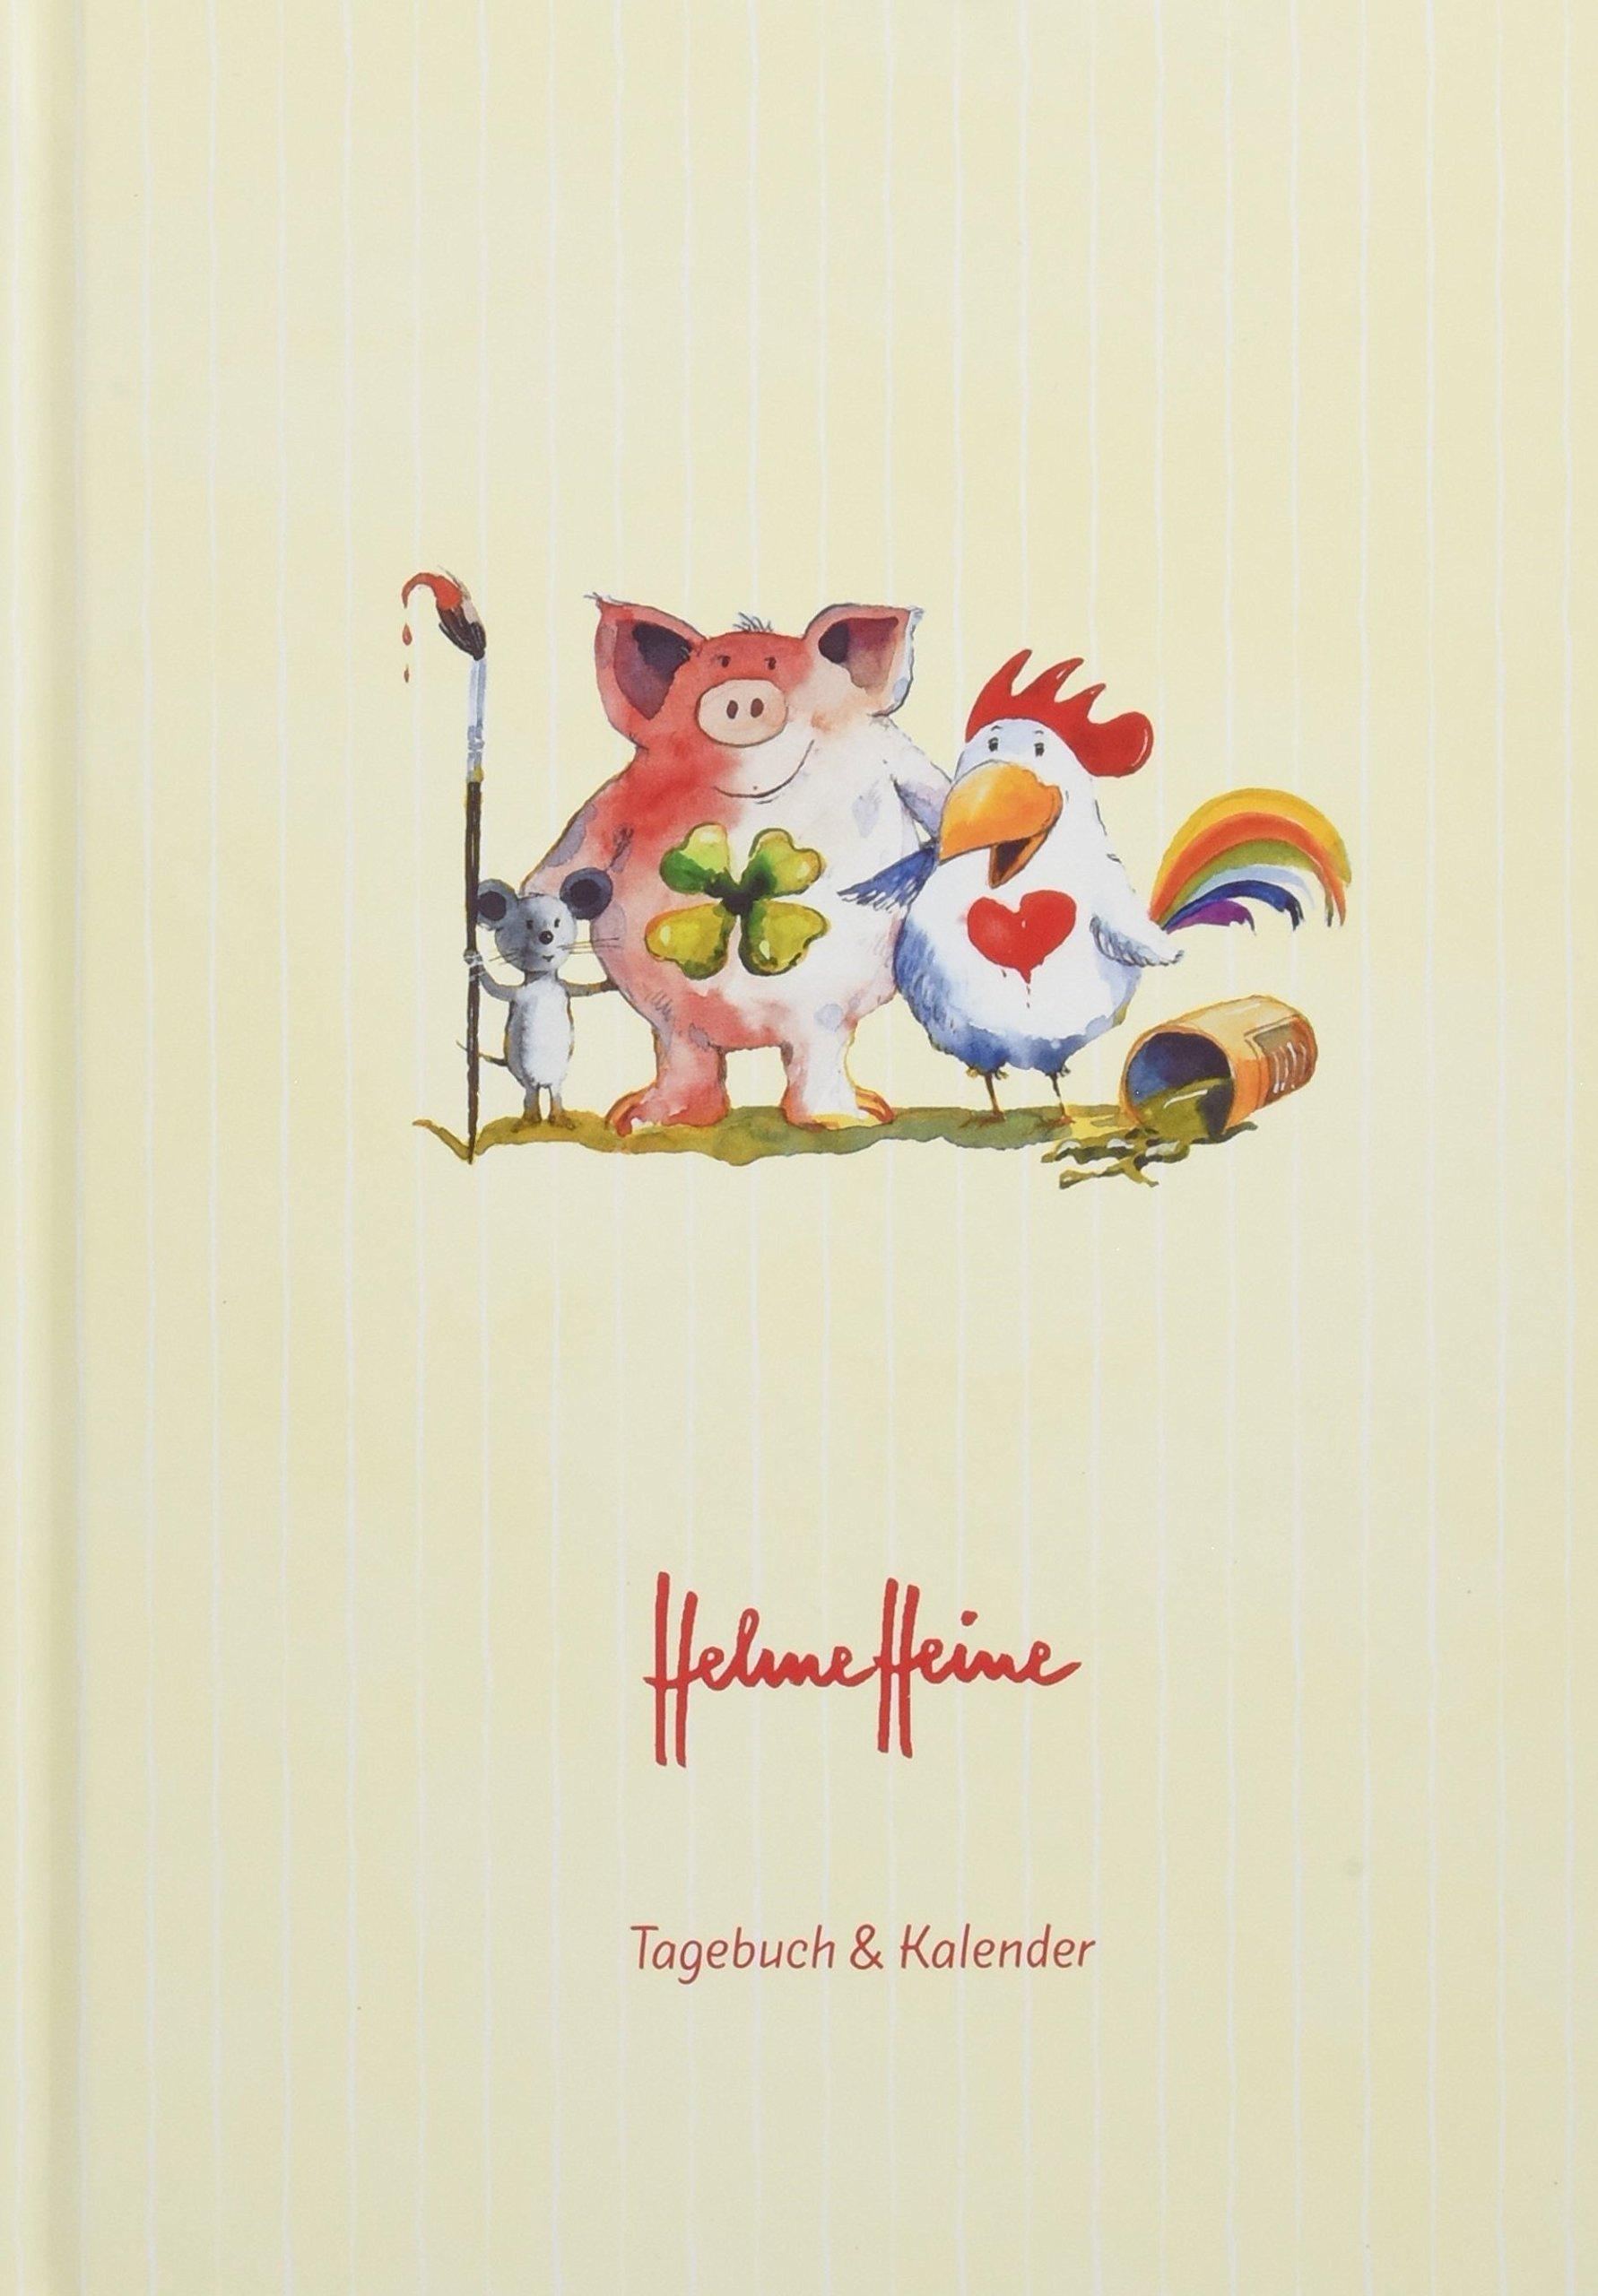 Helme Heine 17-Monats-Kalenderbuch A5 - Kalender 2019: 17 Monate. Von August 2018 bis Dezember 2019